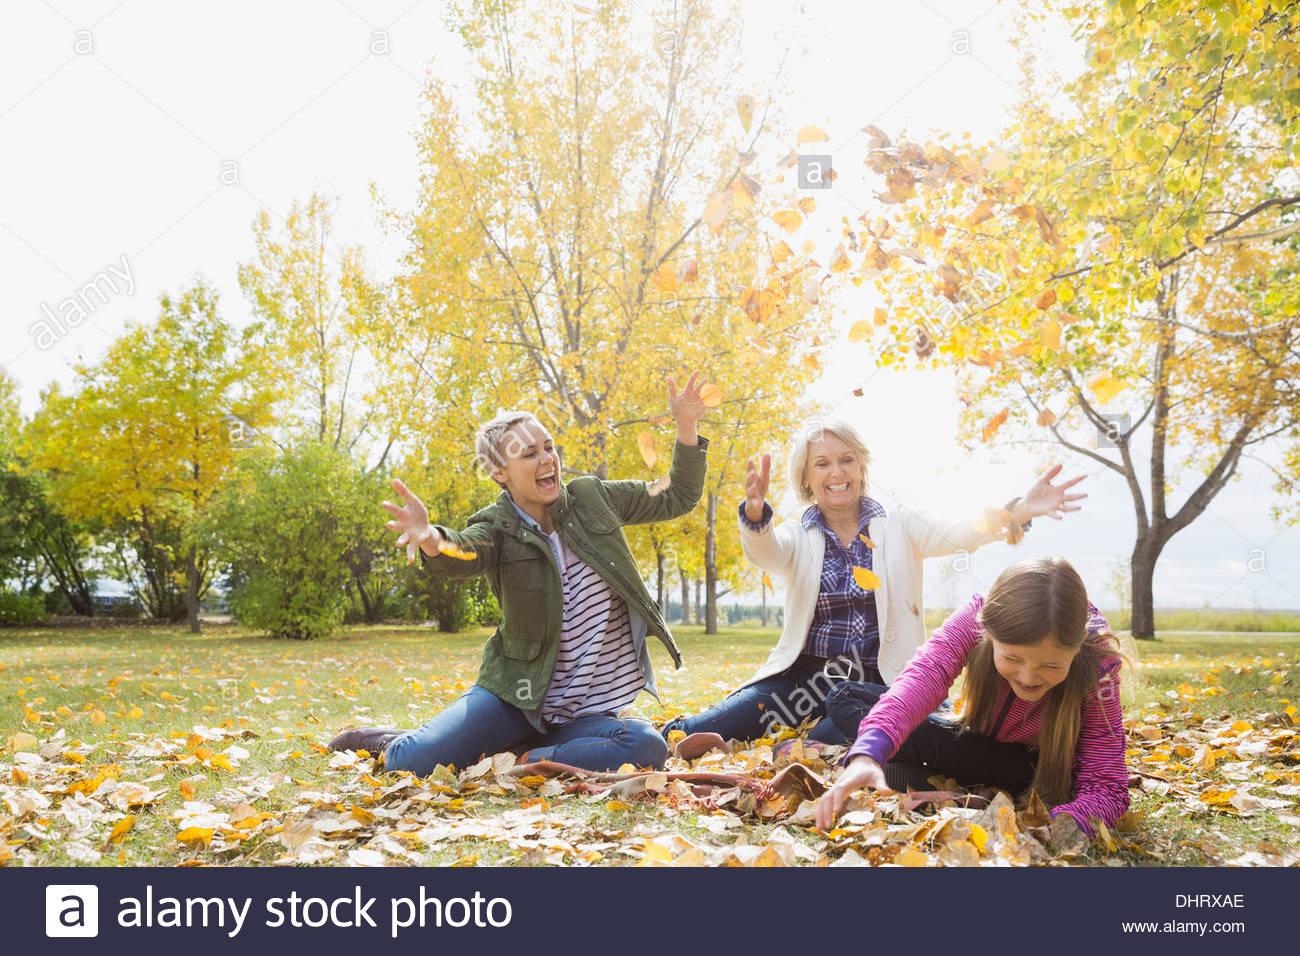 Trois générations de femmes jouant avec les feuilles d'automne dans le parc Photo Stock